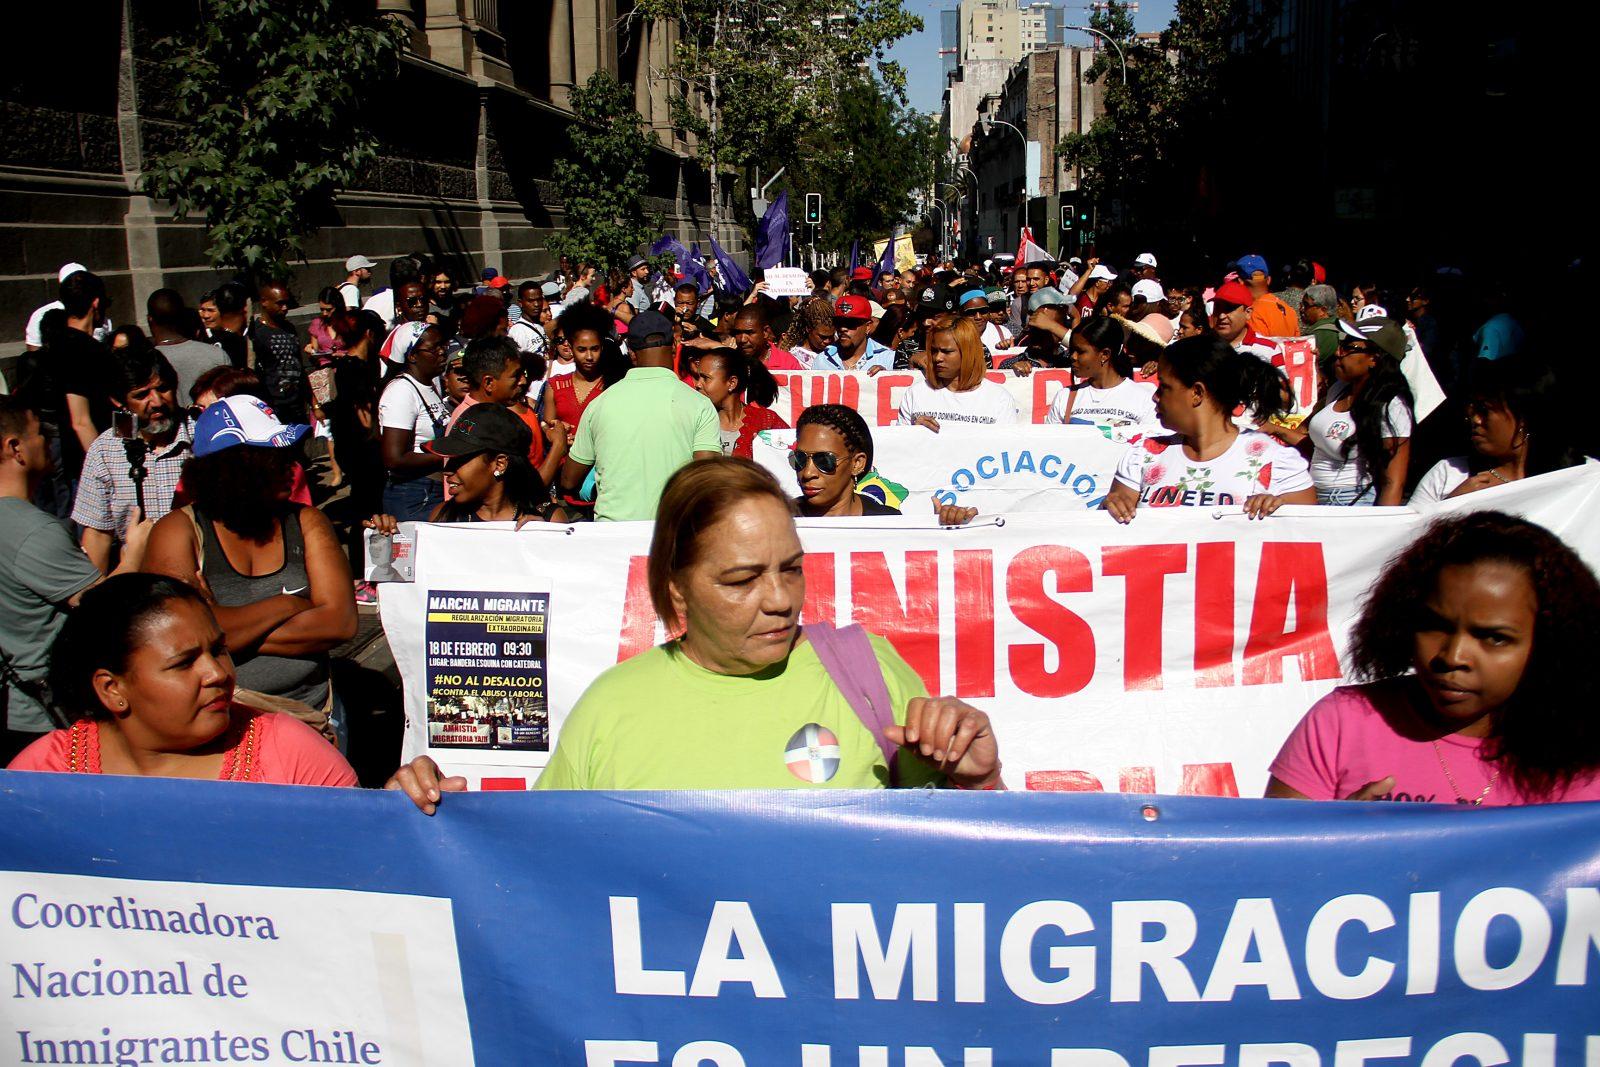 Marcha por un proceso extraordinario de regularización migratoria